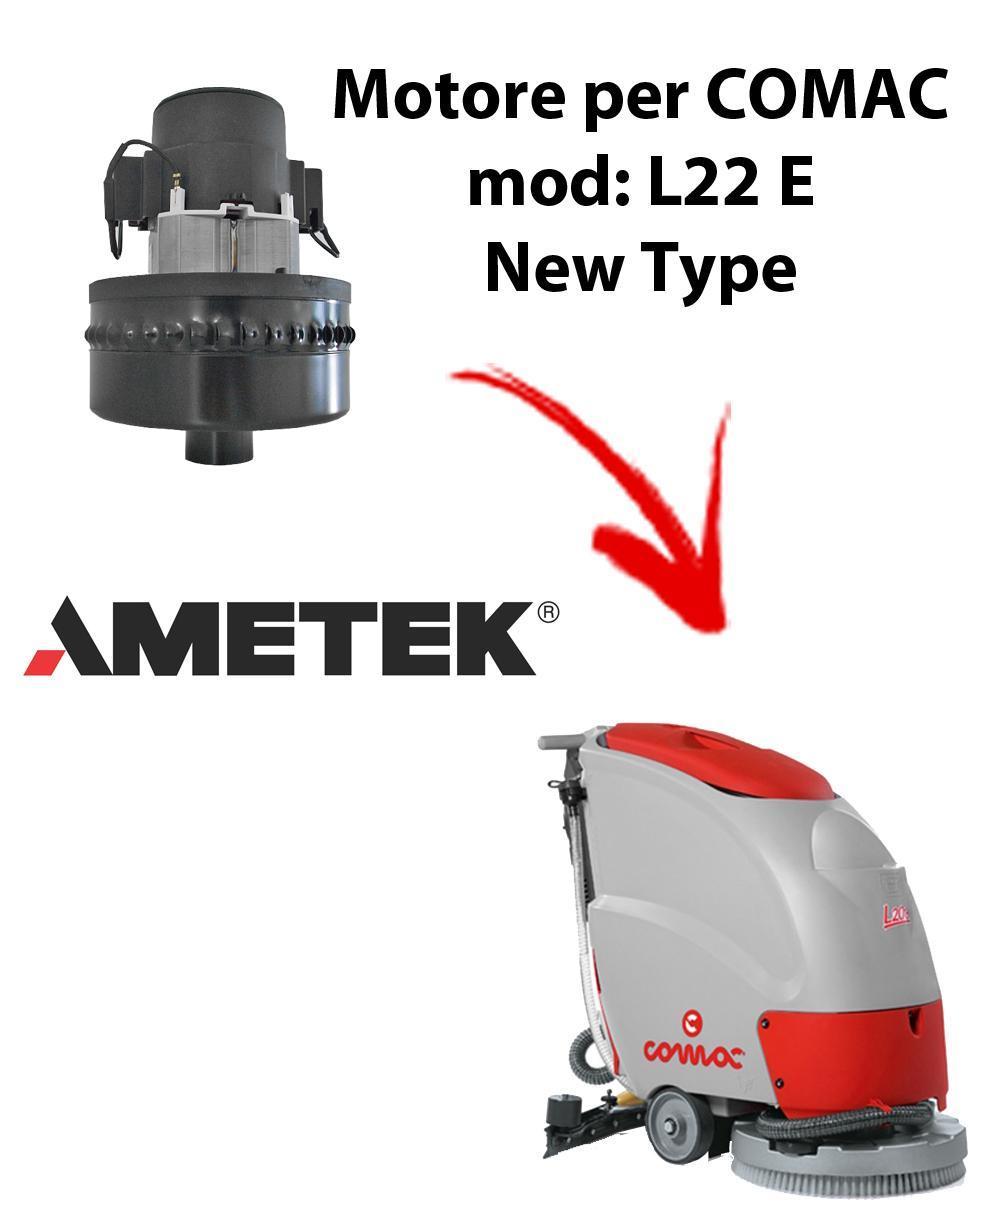 L22E New Type Motore de aspiración AMETEK  para fregadora Comac